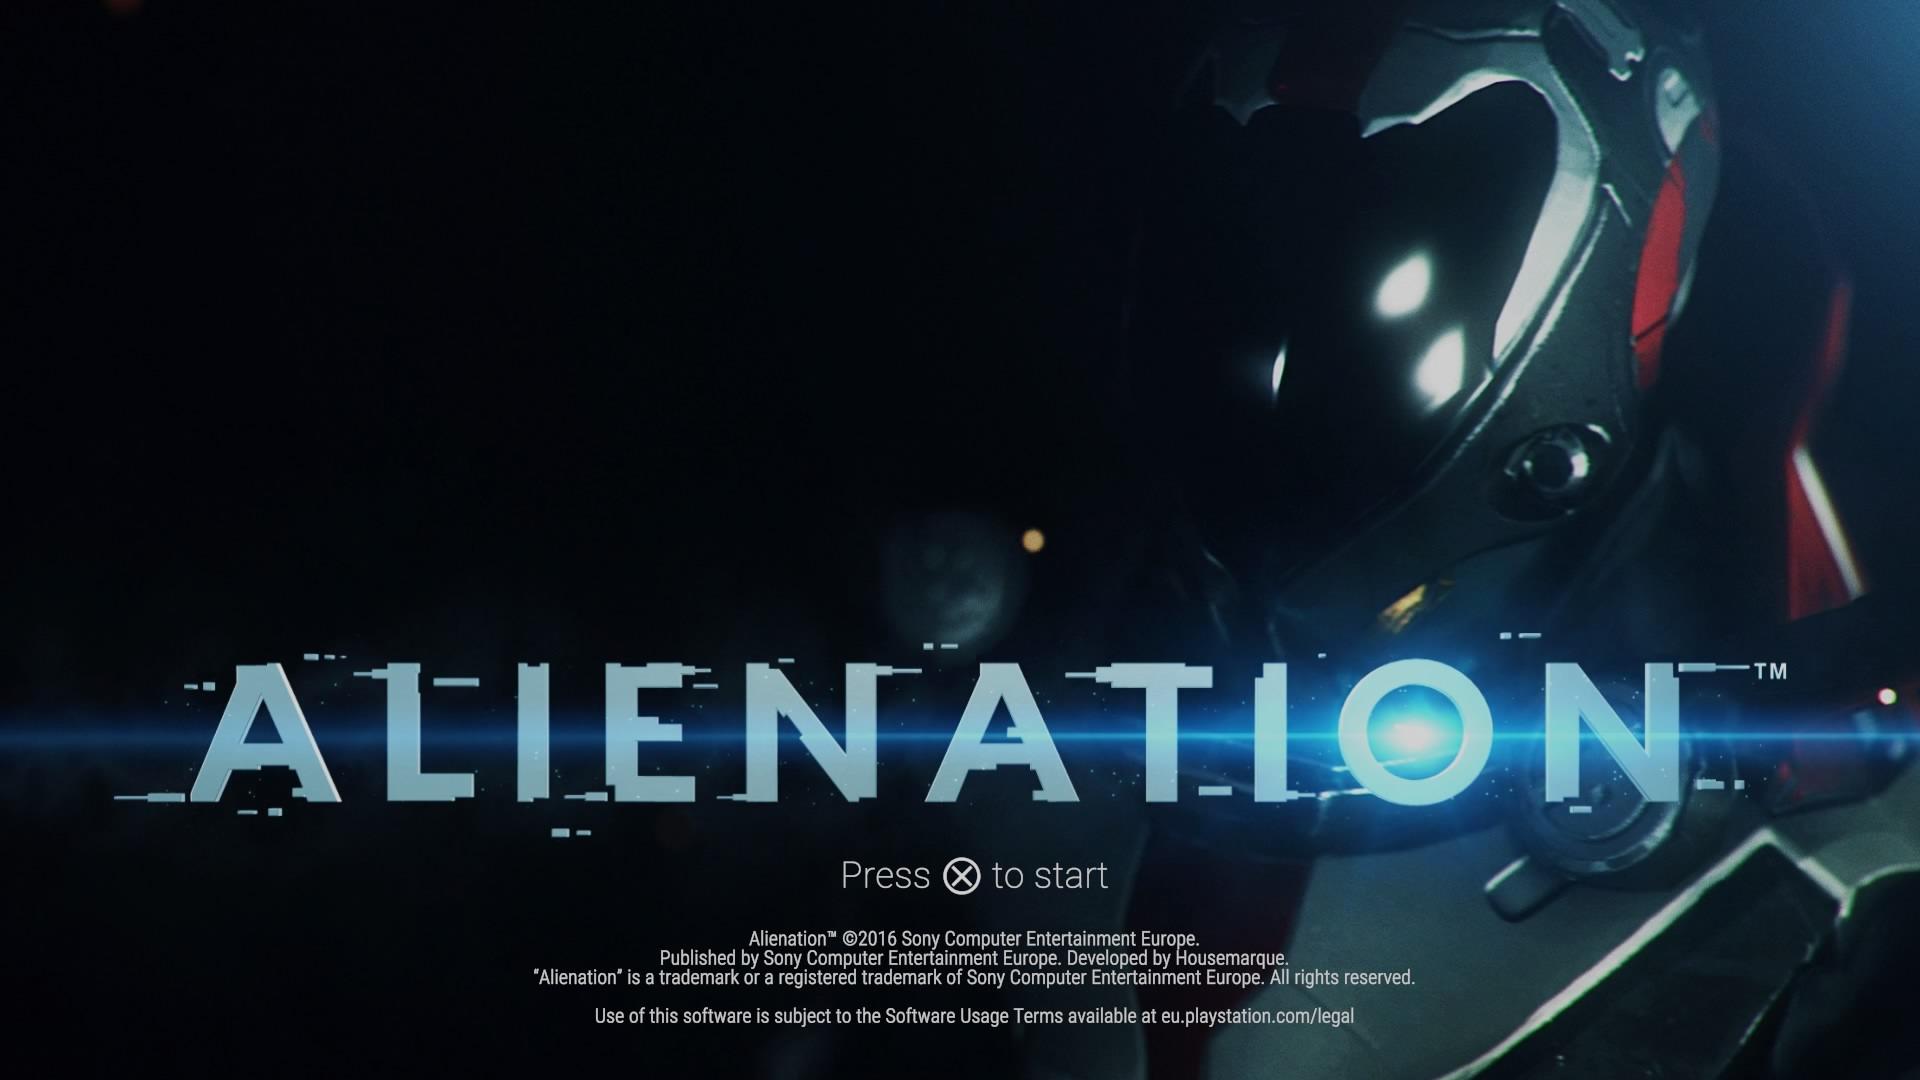 ALIENATION™_20170612182730.jpg